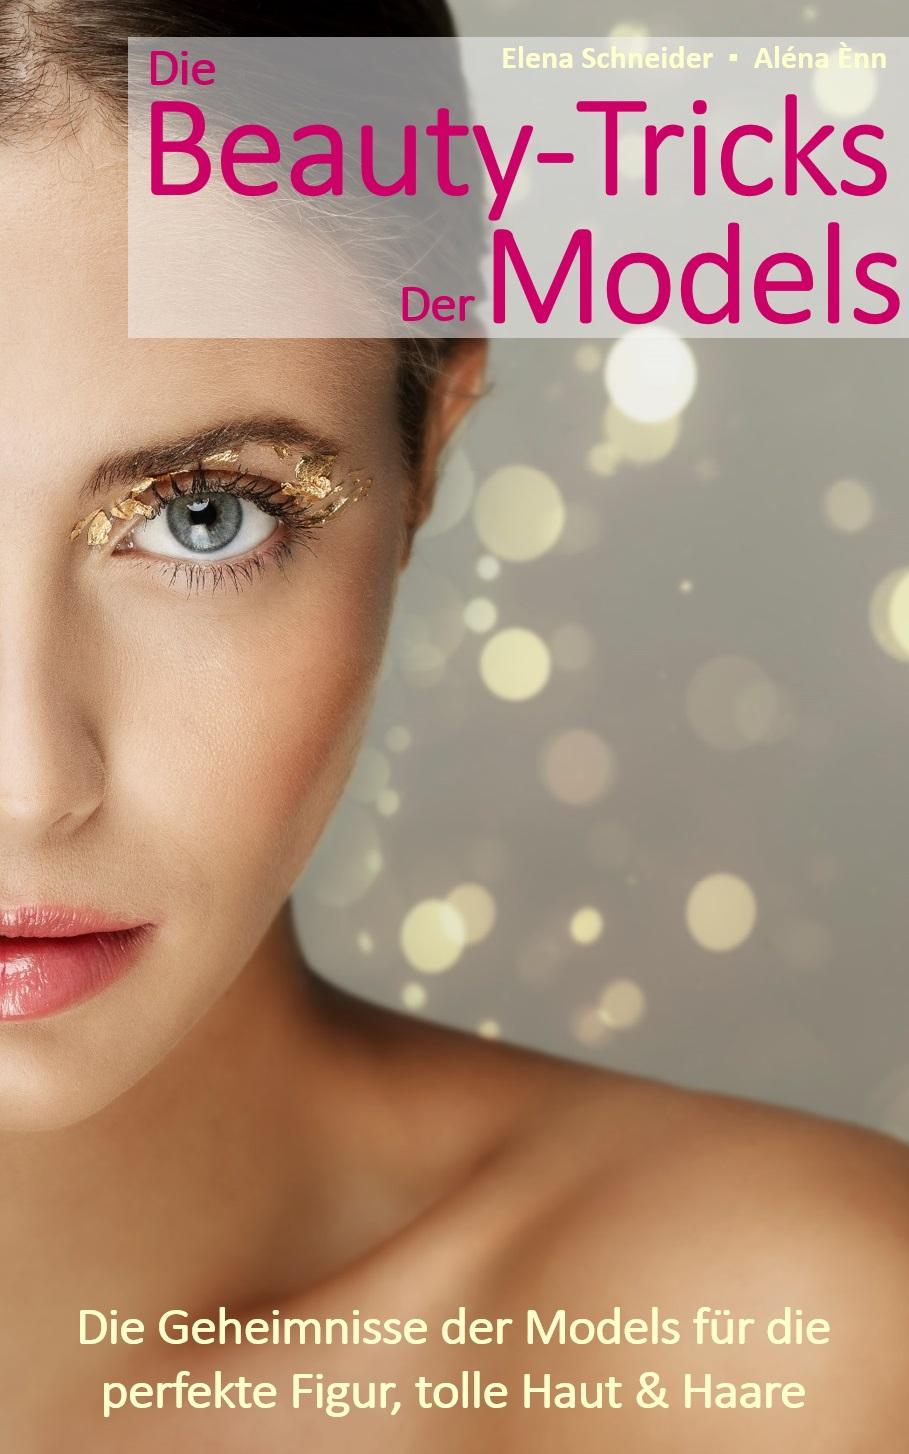 Gratis eBooks: Beautytipps & Tricks (u.a. großer Sammelband)